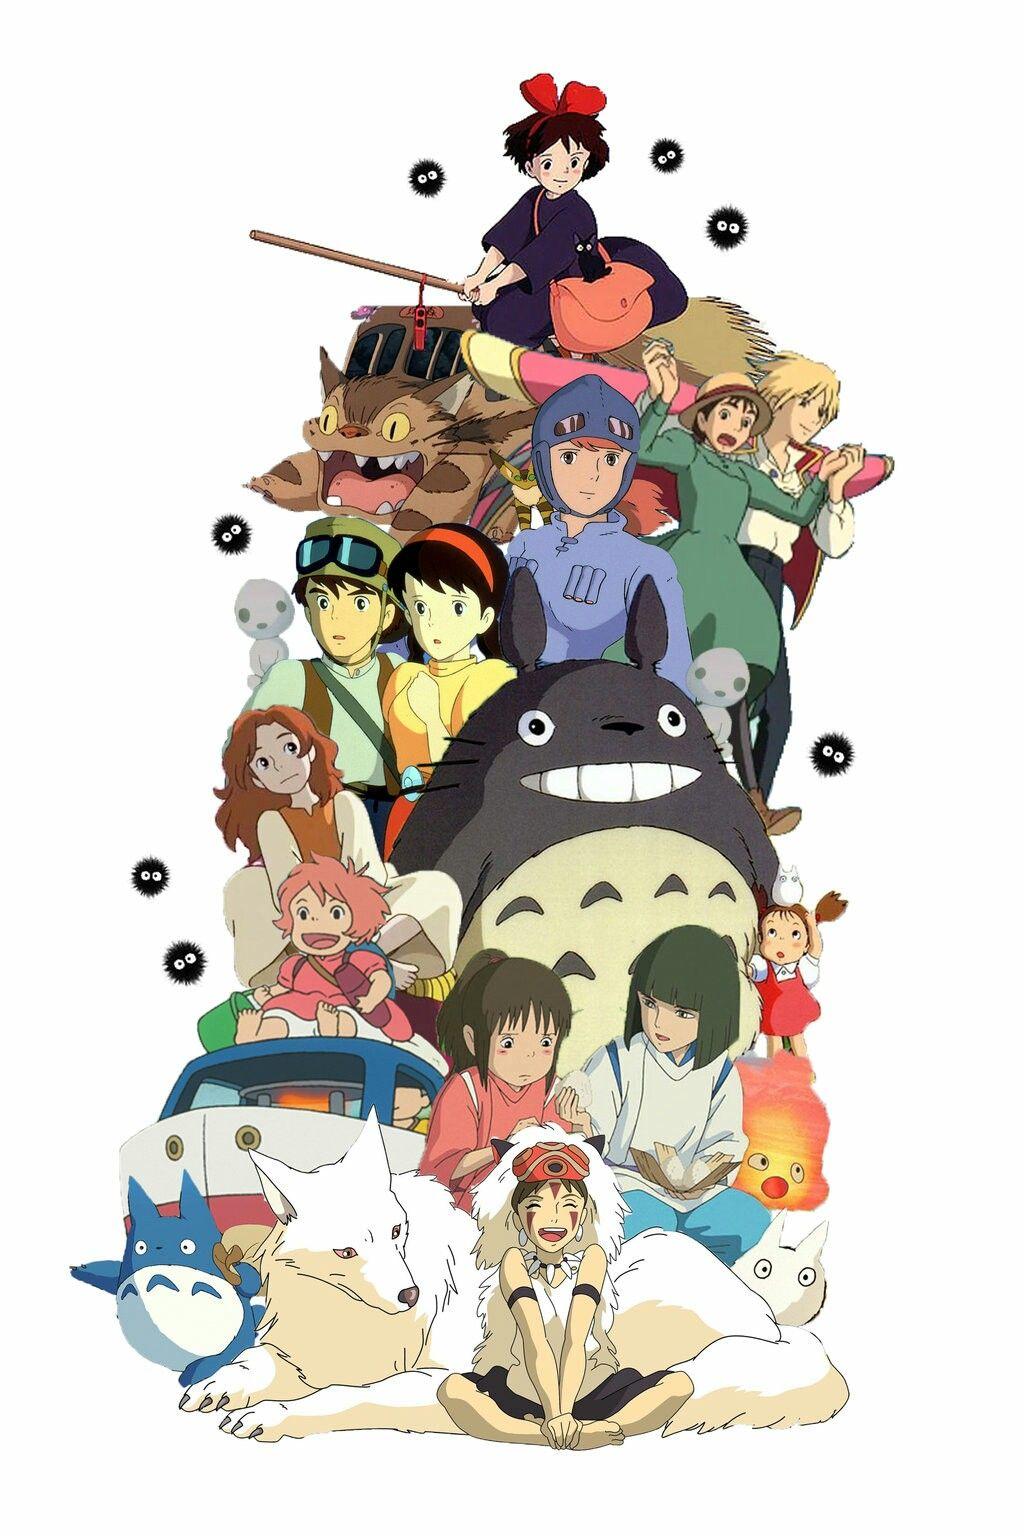 Image Dessin animé japonais de ctliewct du tableau art